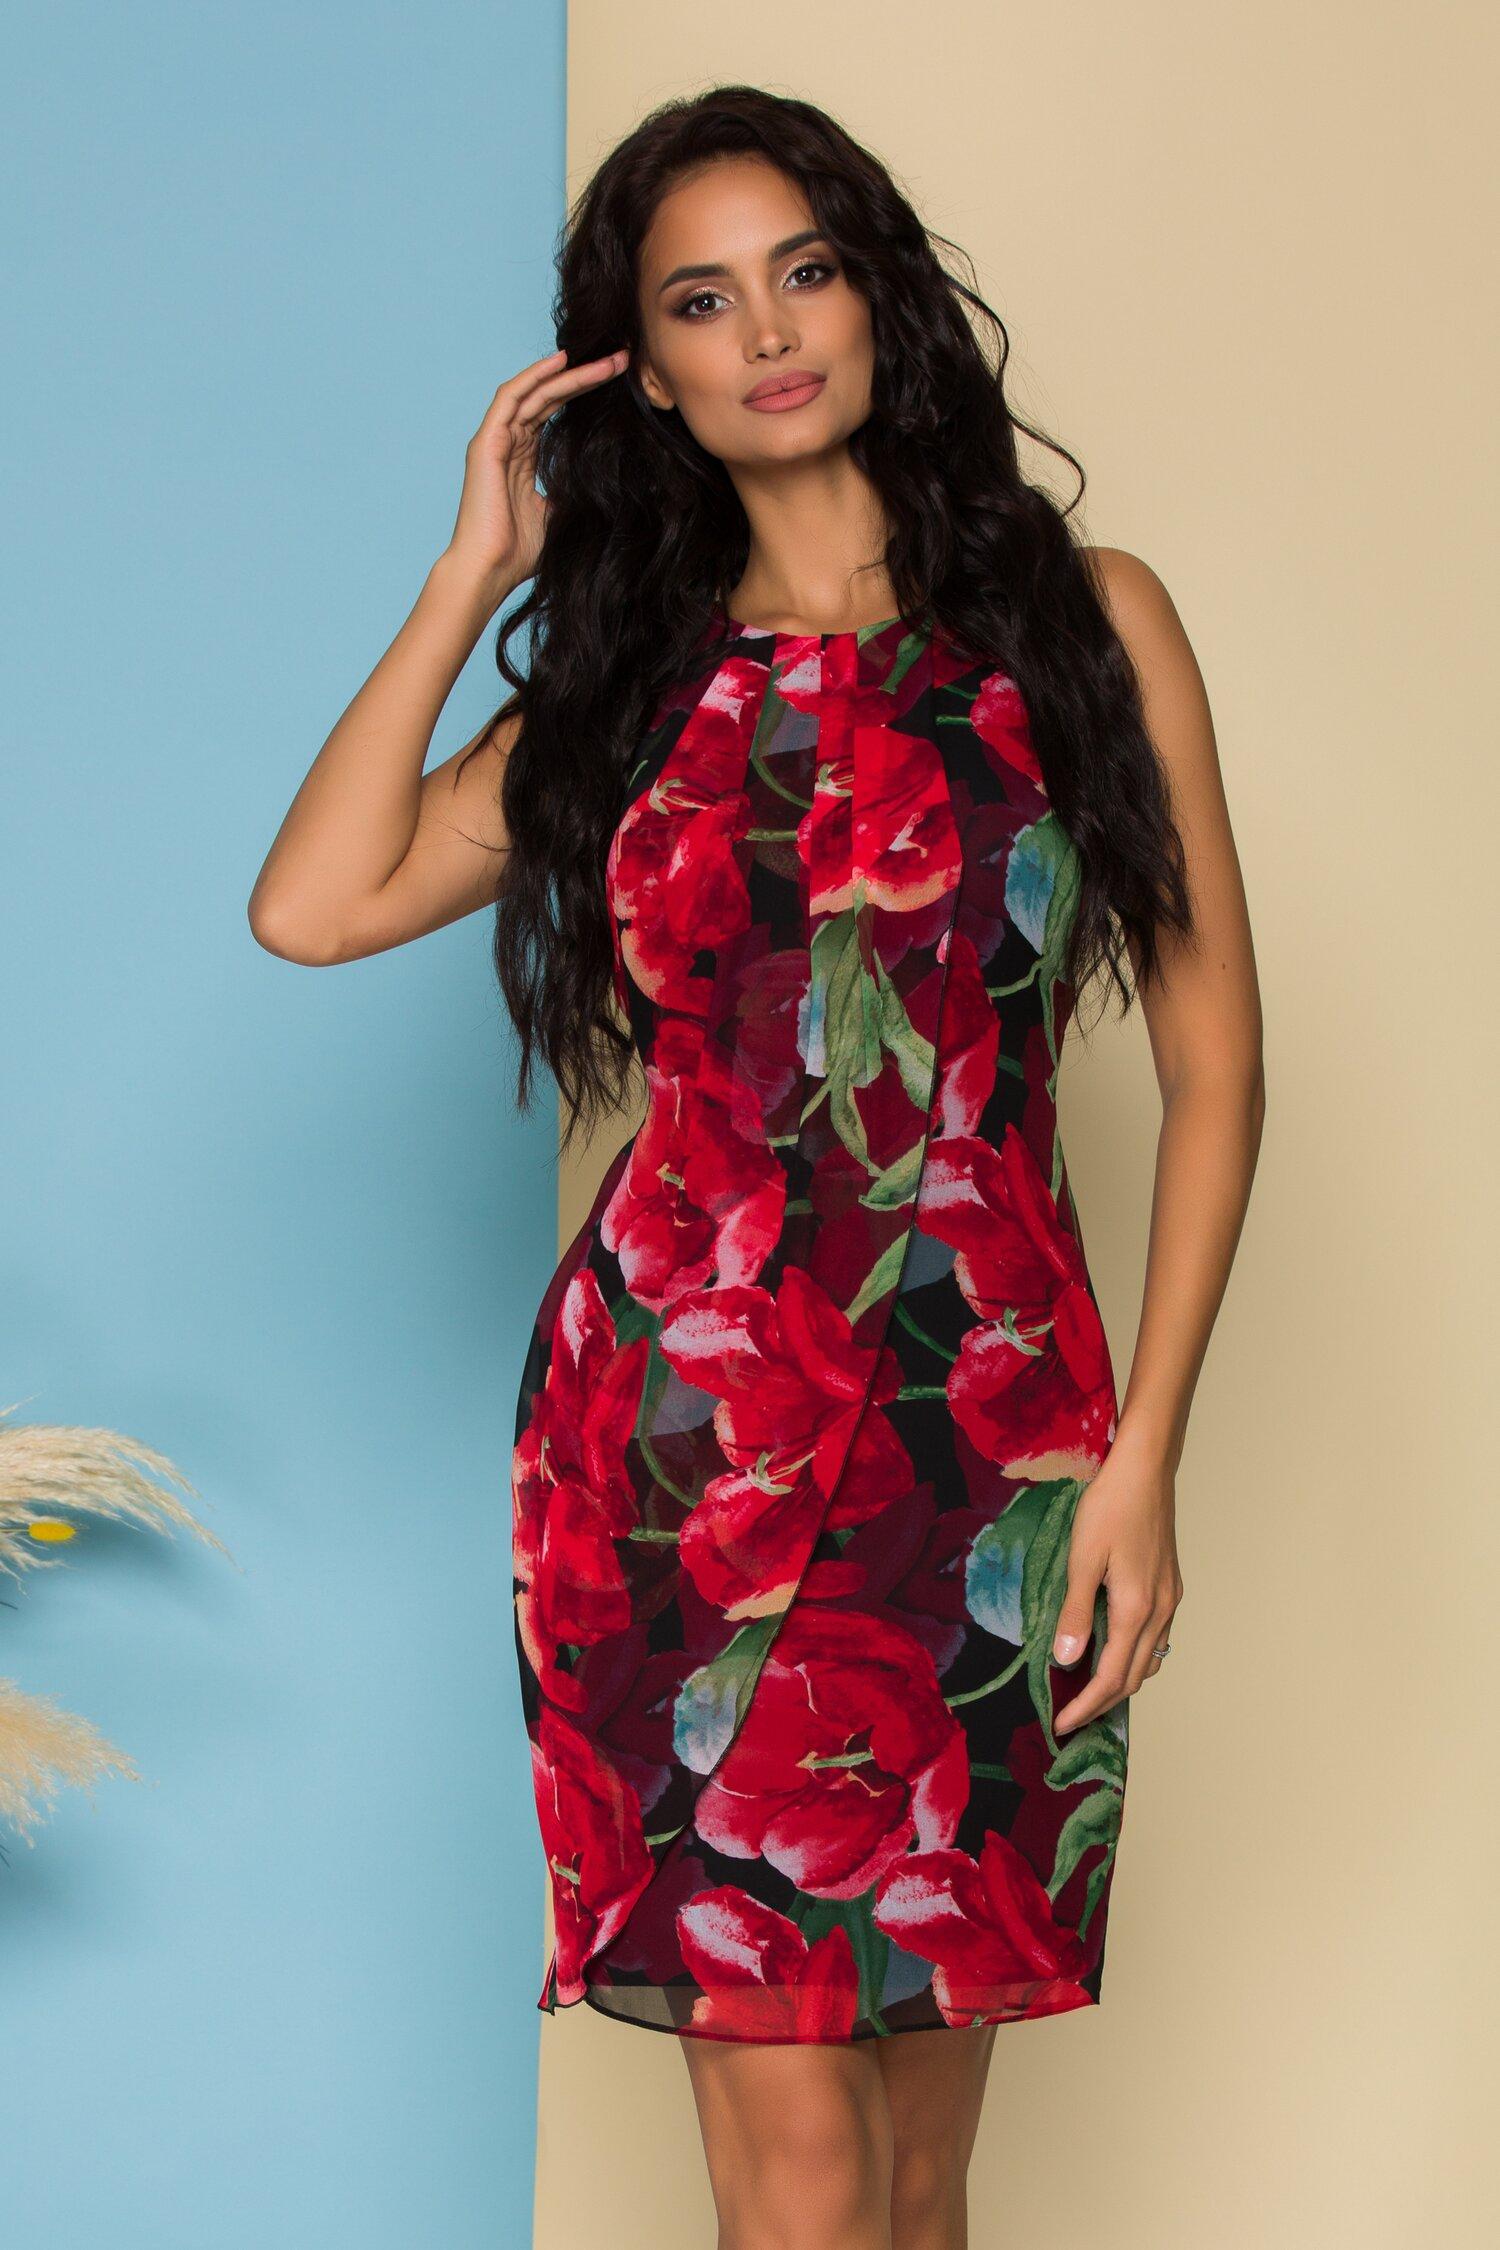 Rochie Ginette neagra cu imprimeu floral rosu